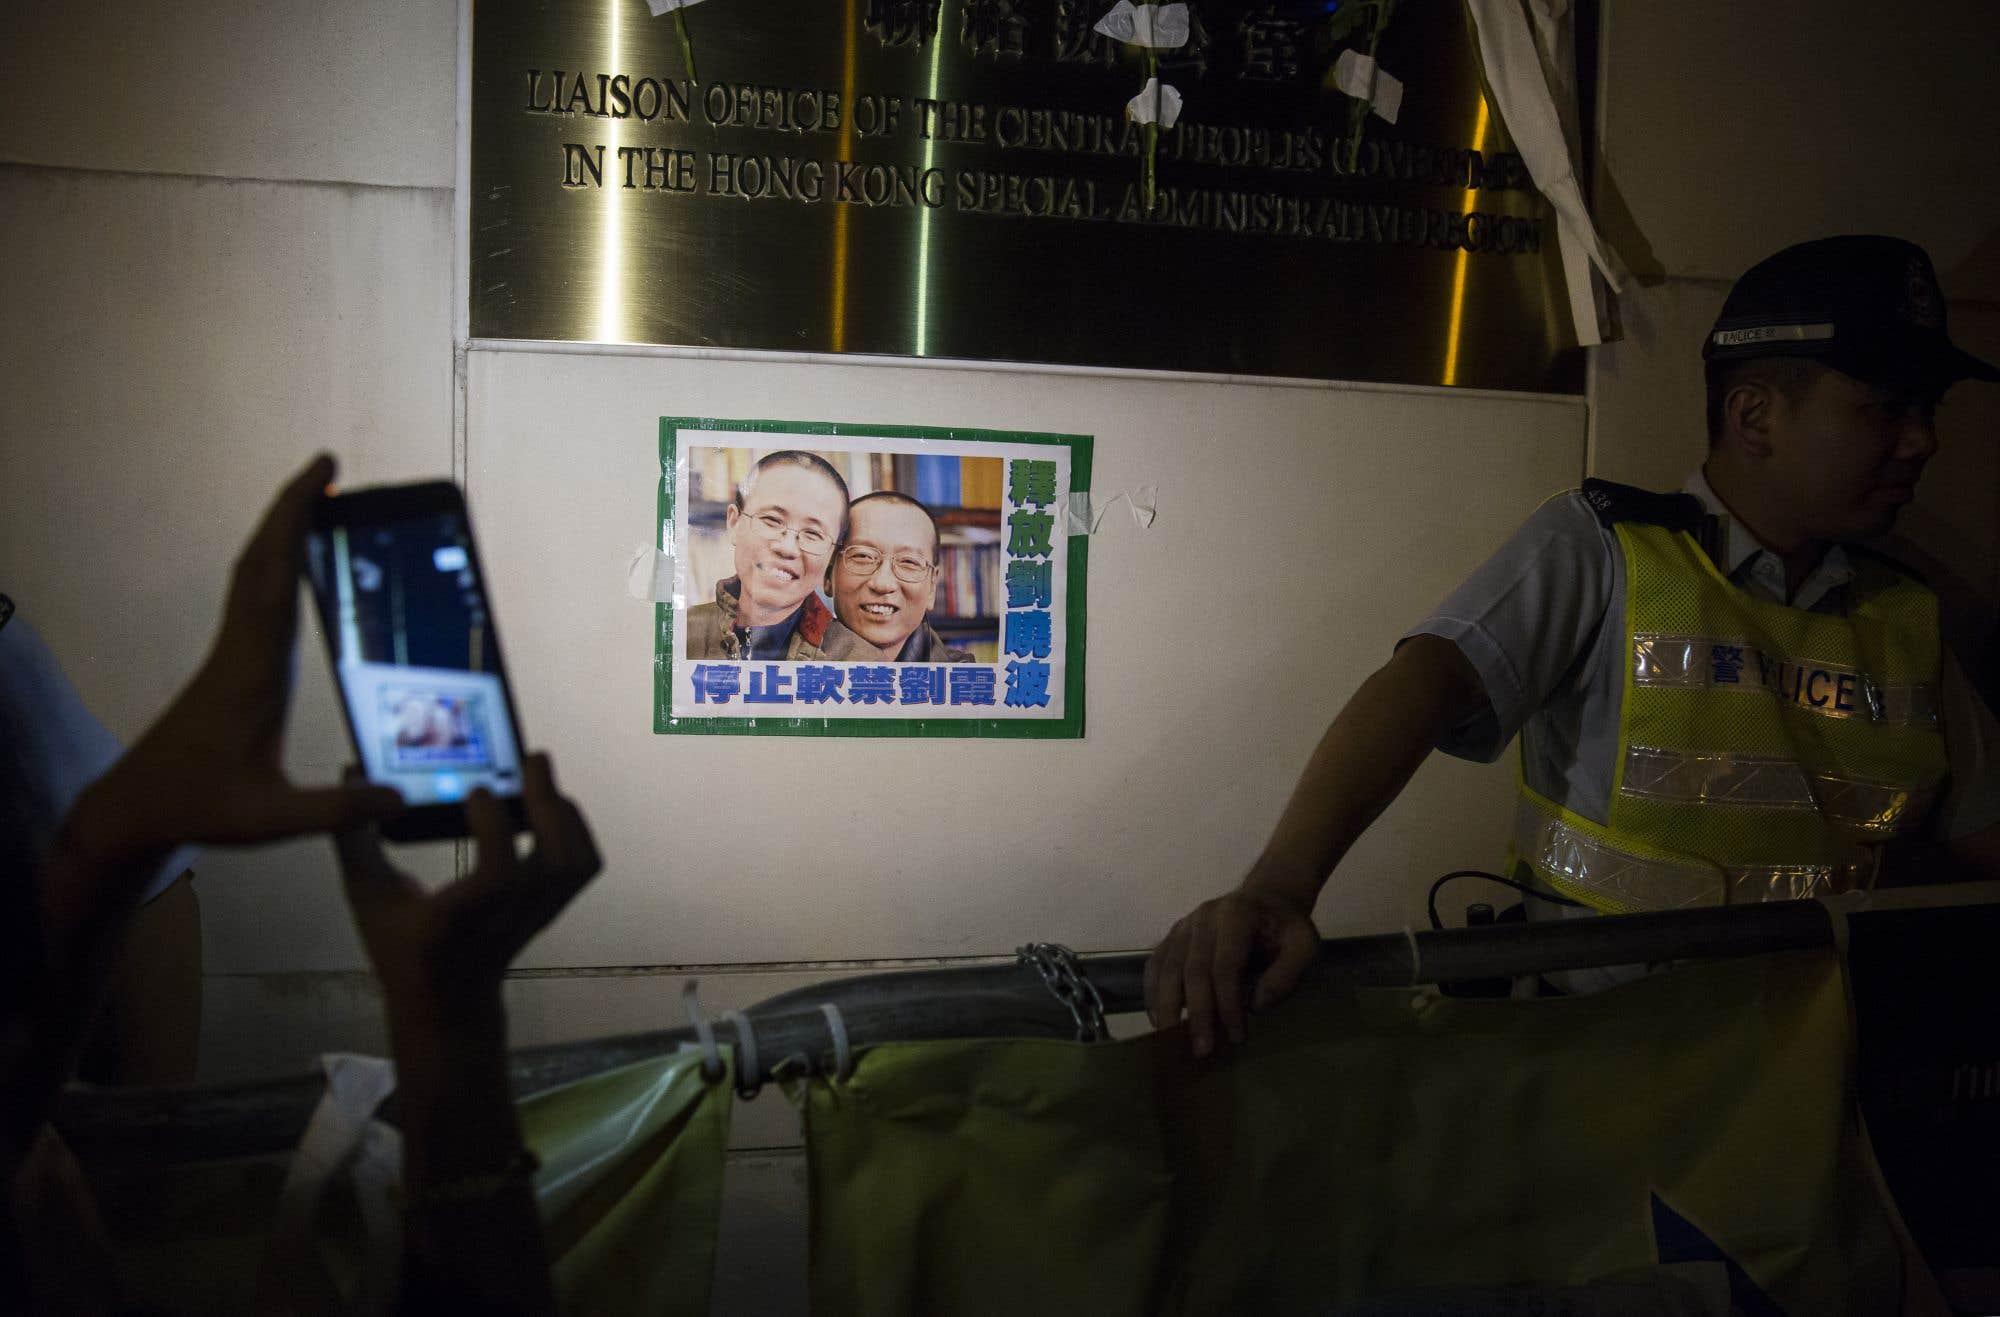 Une photo du lauréat du prix Nobel de la paix Liu Xiaobo est installée sur le mur du bureau de liaison avec la Chine de Hong Kong. Le dissident chinois, un symbole de la démocratie, est décédé d'un cancer du foie à l'hôpital de Shenyang. Il est devenu le premier lauréat d'un prix Nobel à mourir en détention depuis 1938. Consultez notre texte sur le sujet